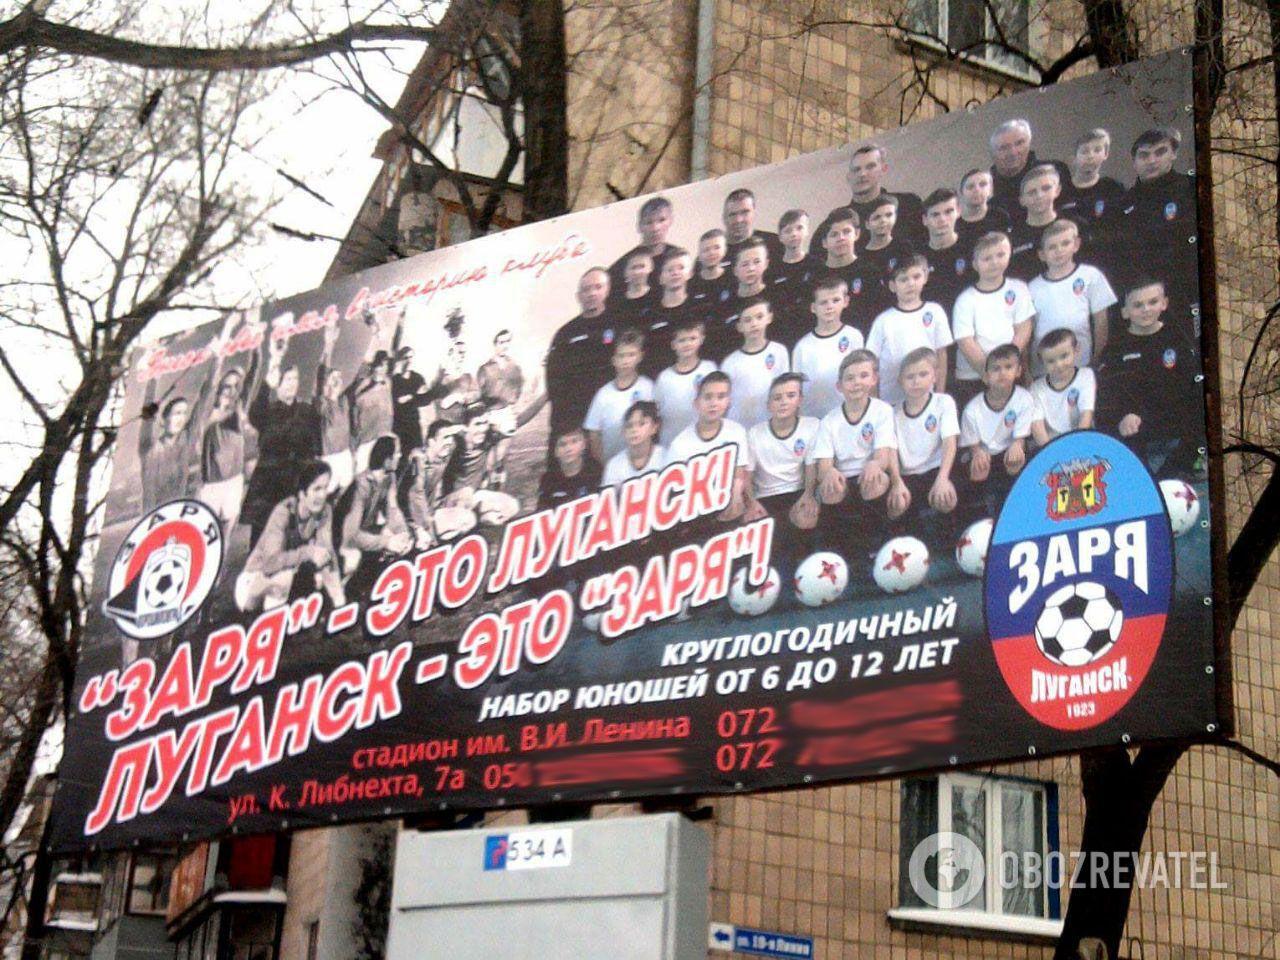 Бігборд в Луганську